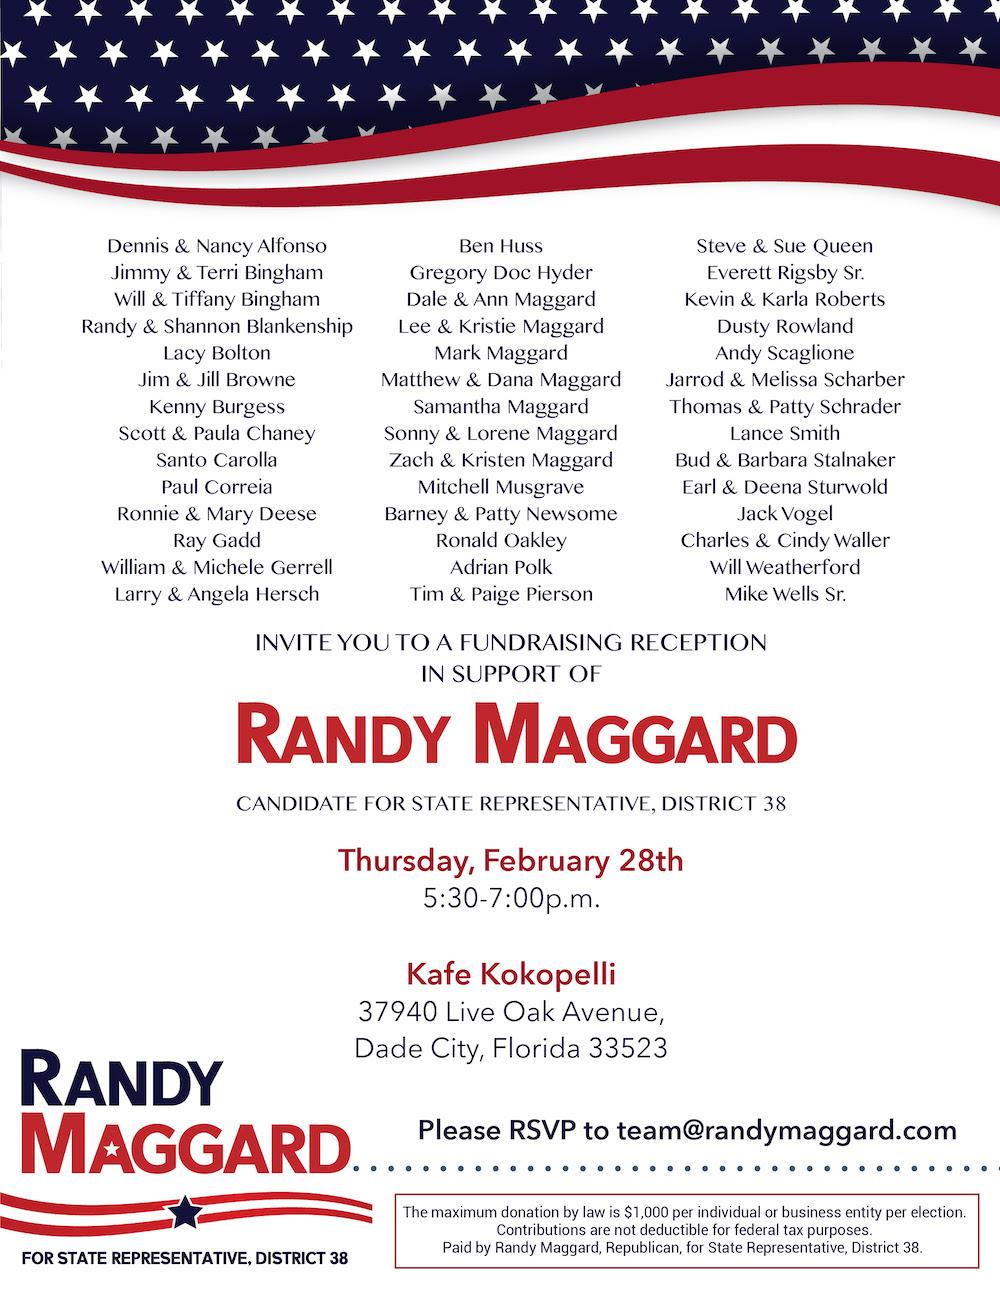 Maggard Fundraiser Invite 2.28.2019